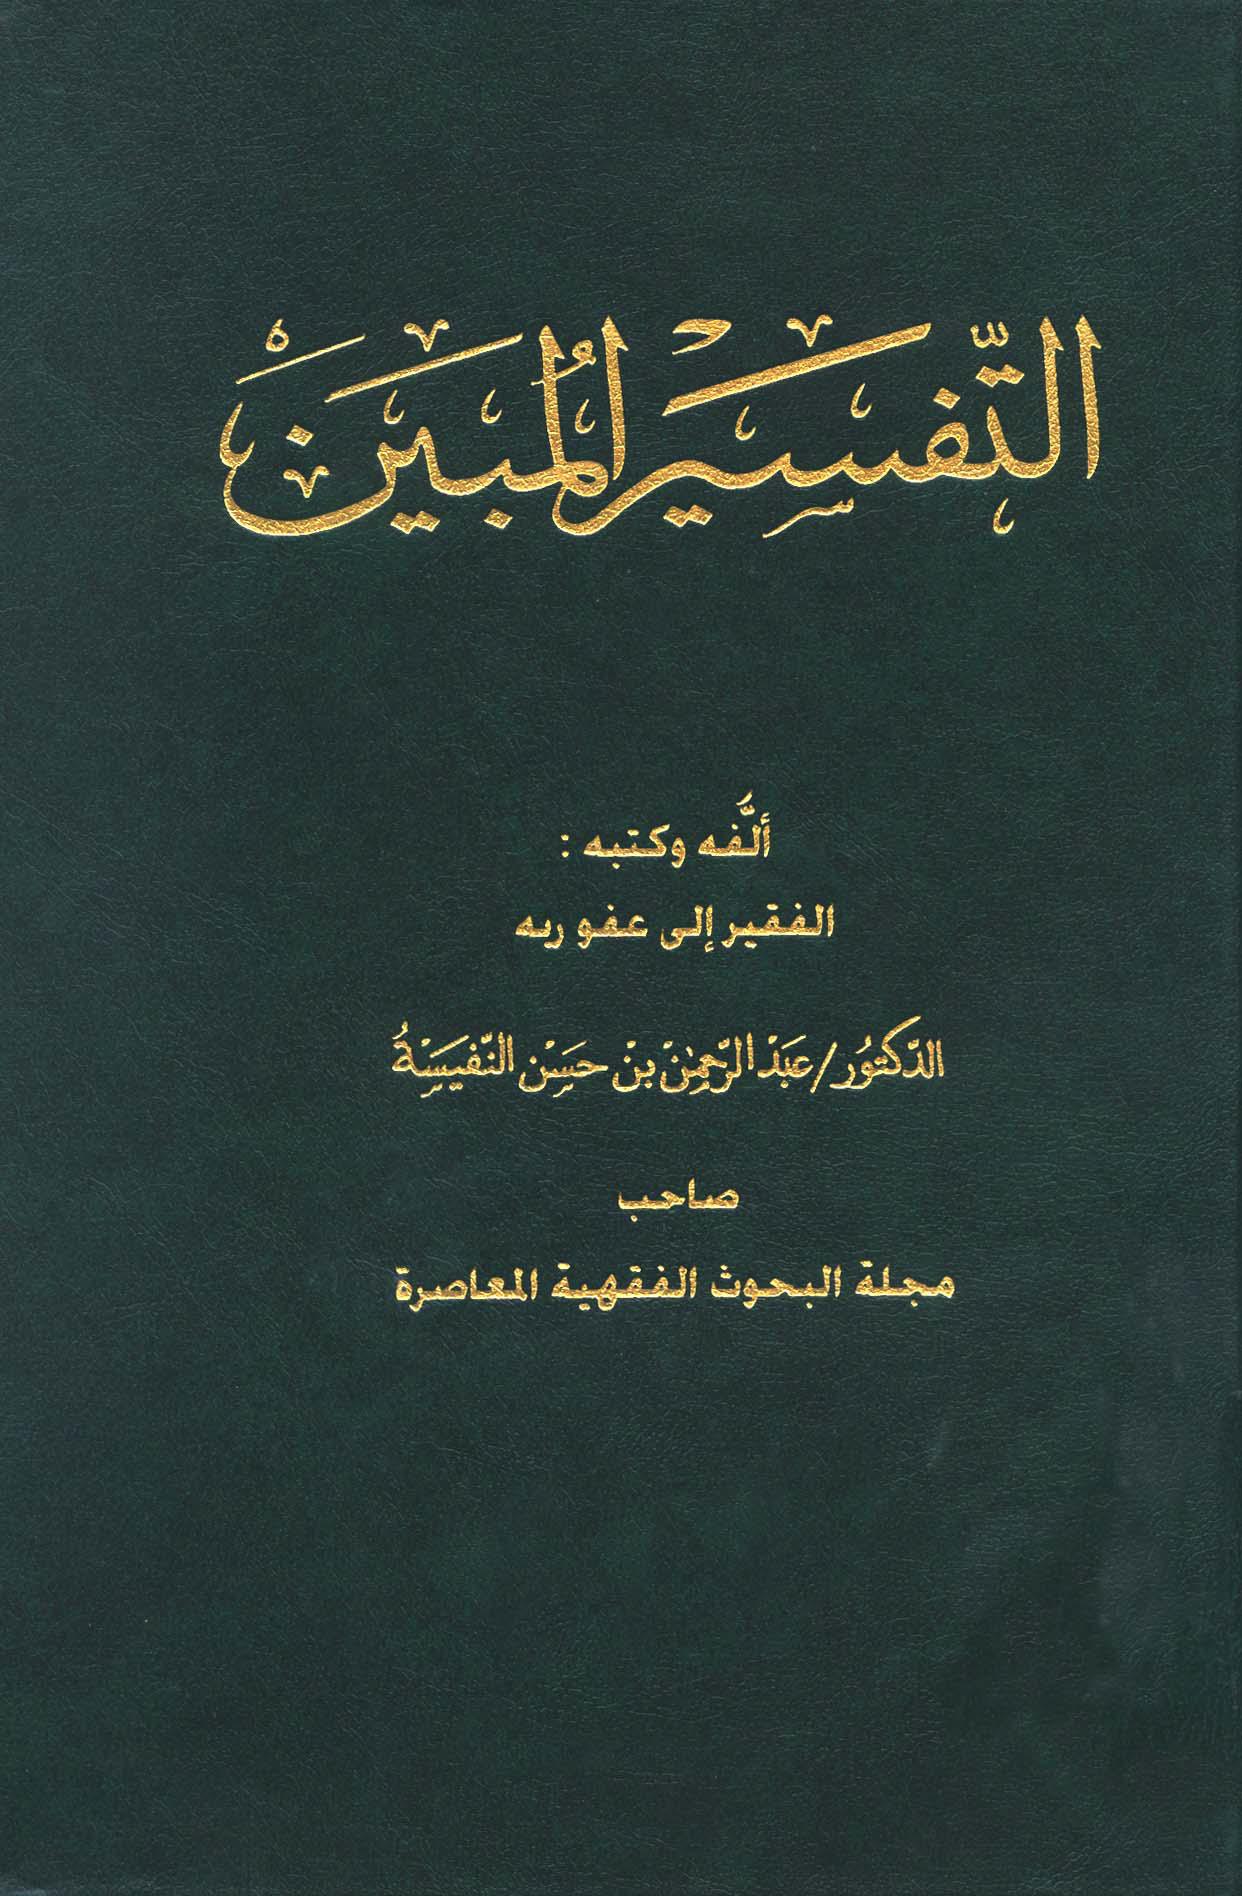 التفسير المبين - عبد الرحمن بن حسن النفيسة